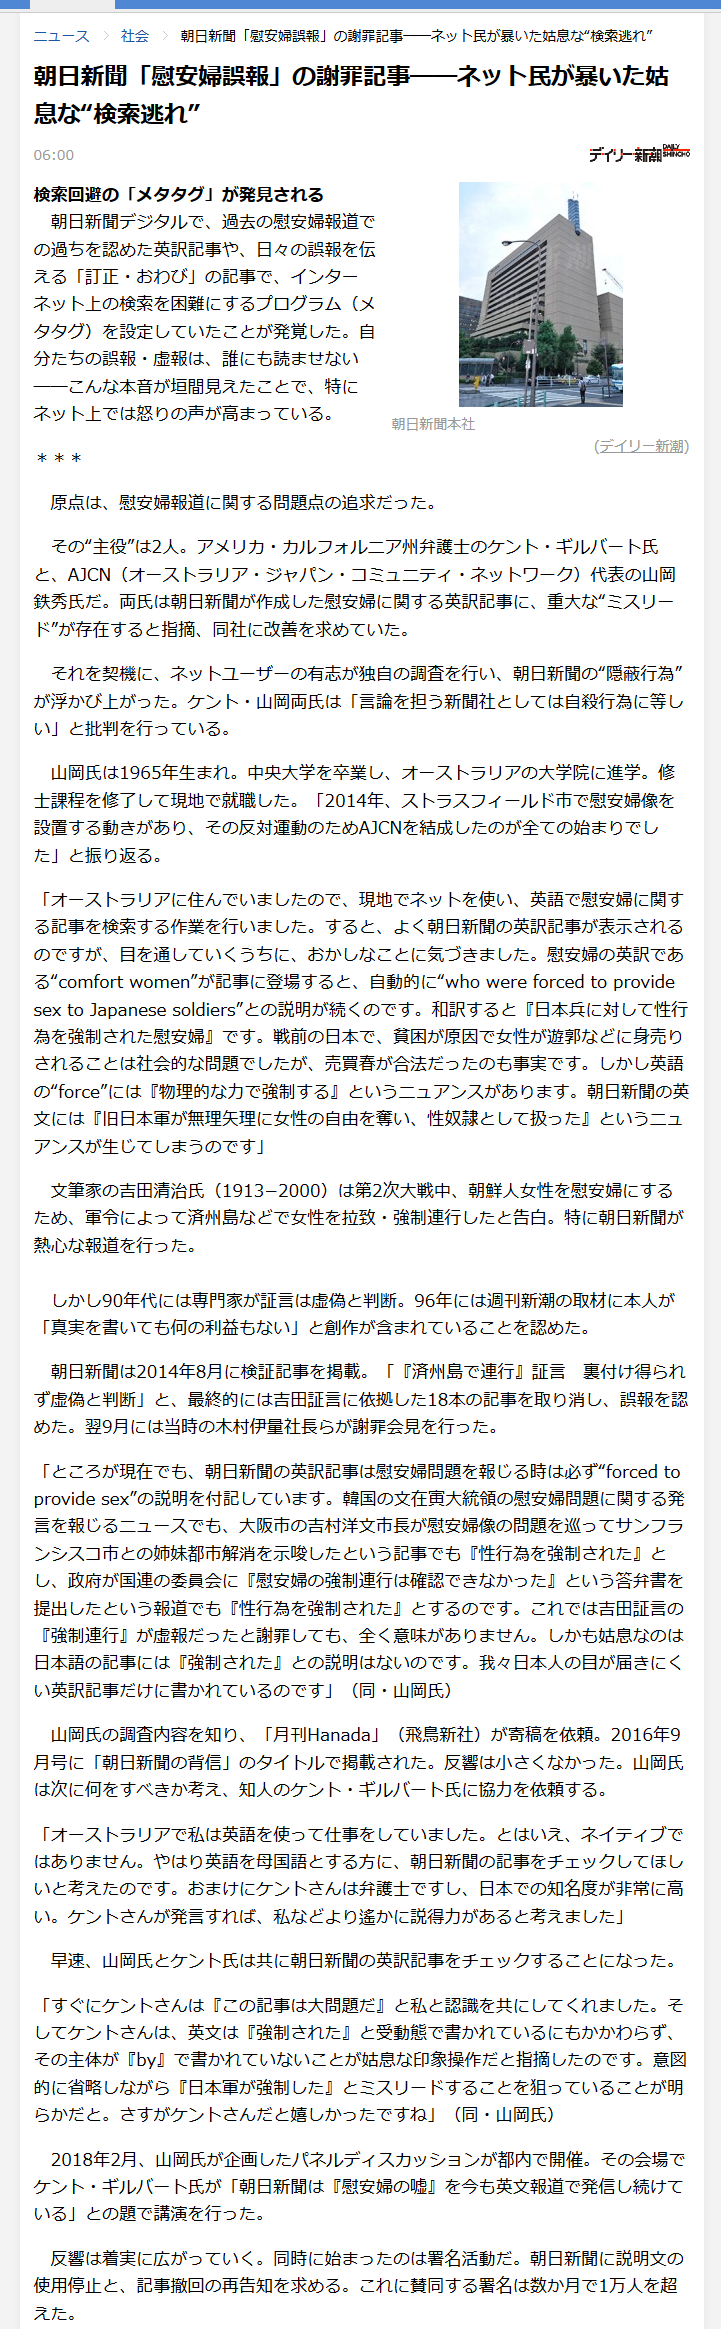 朝日新聞英語版慰安婦報道とメタタグ事件